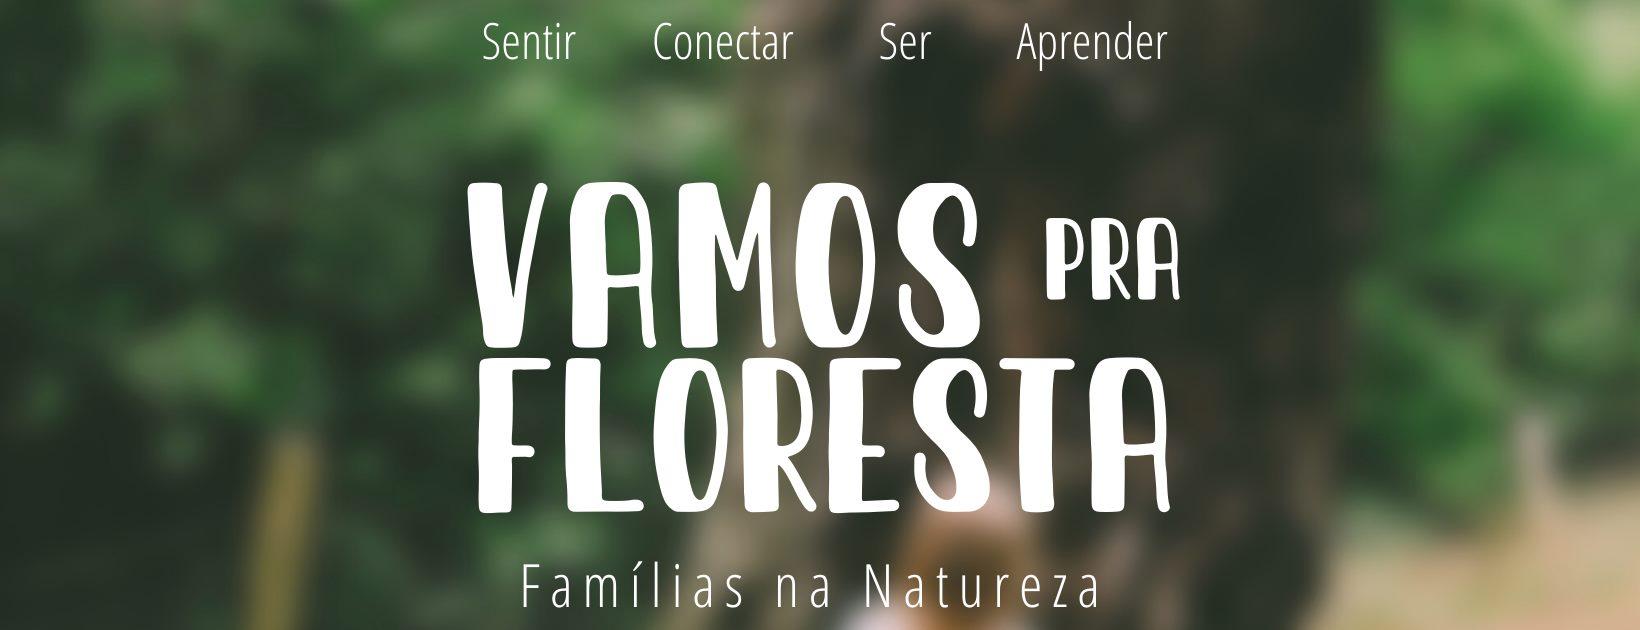 Vamos pra Floresta - Sessão em Família